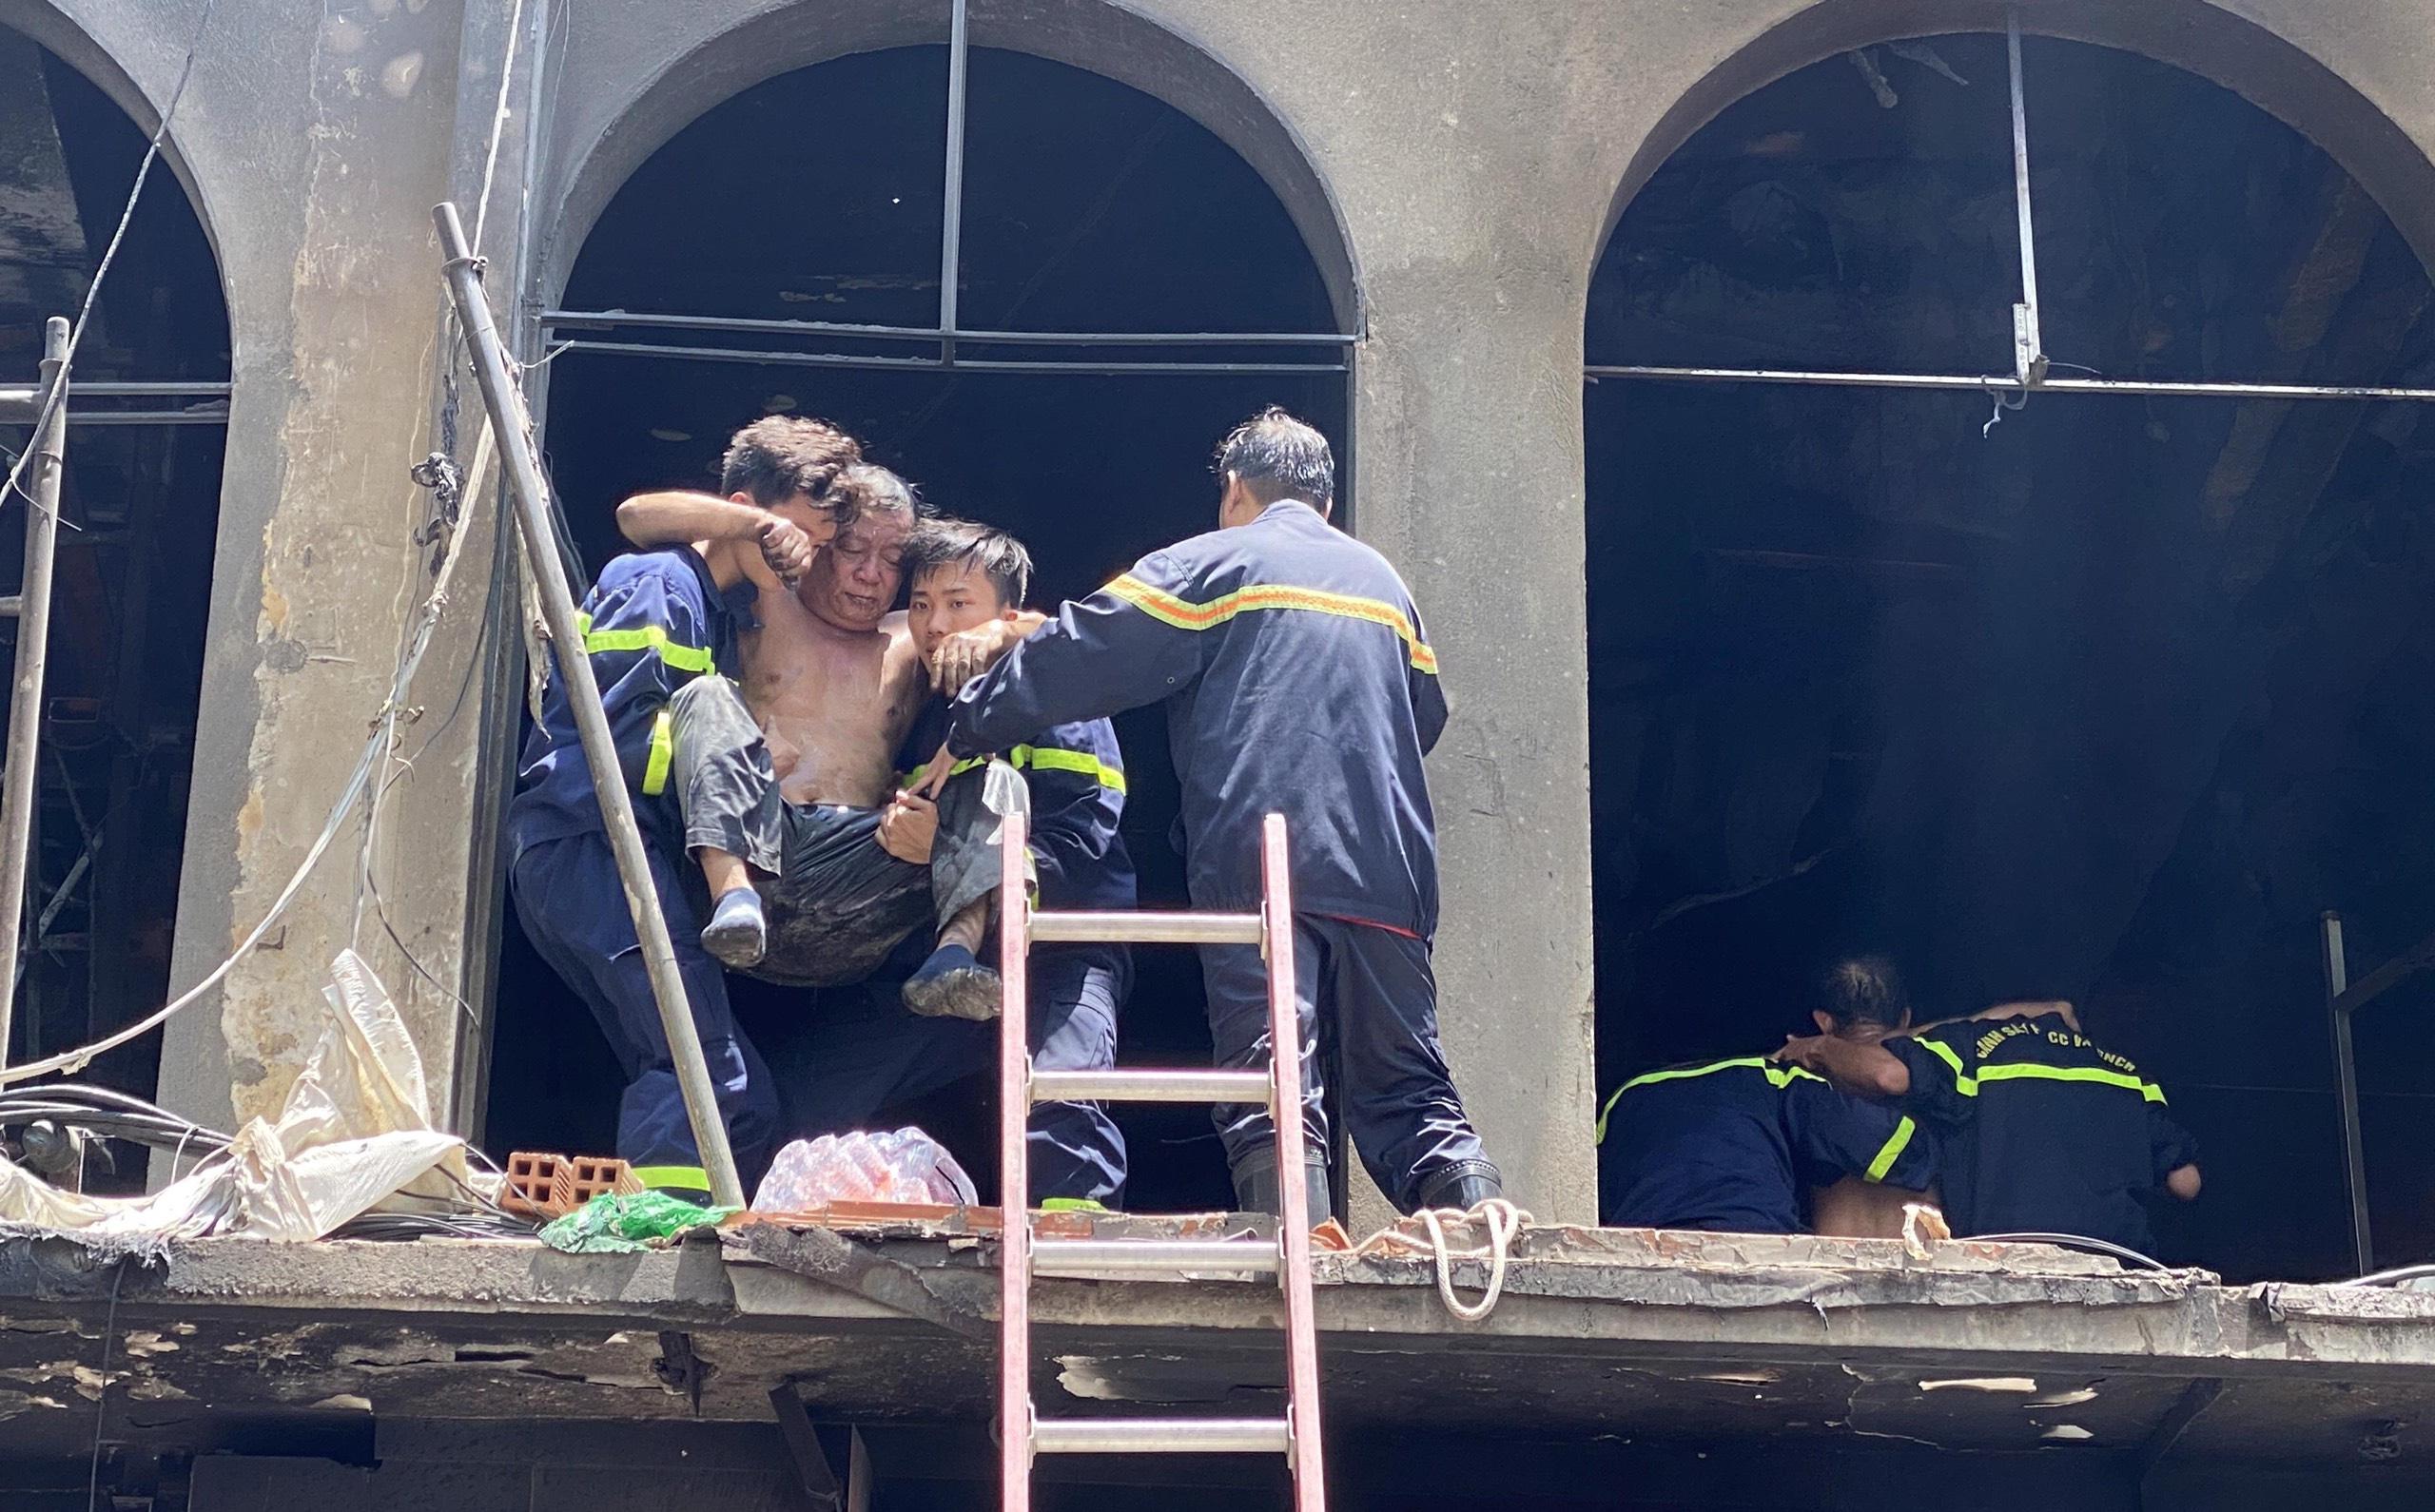 Tạm giữ nhiều người để điều tra vụ cháy dãy nhà ở trung tâm Sài Gòn